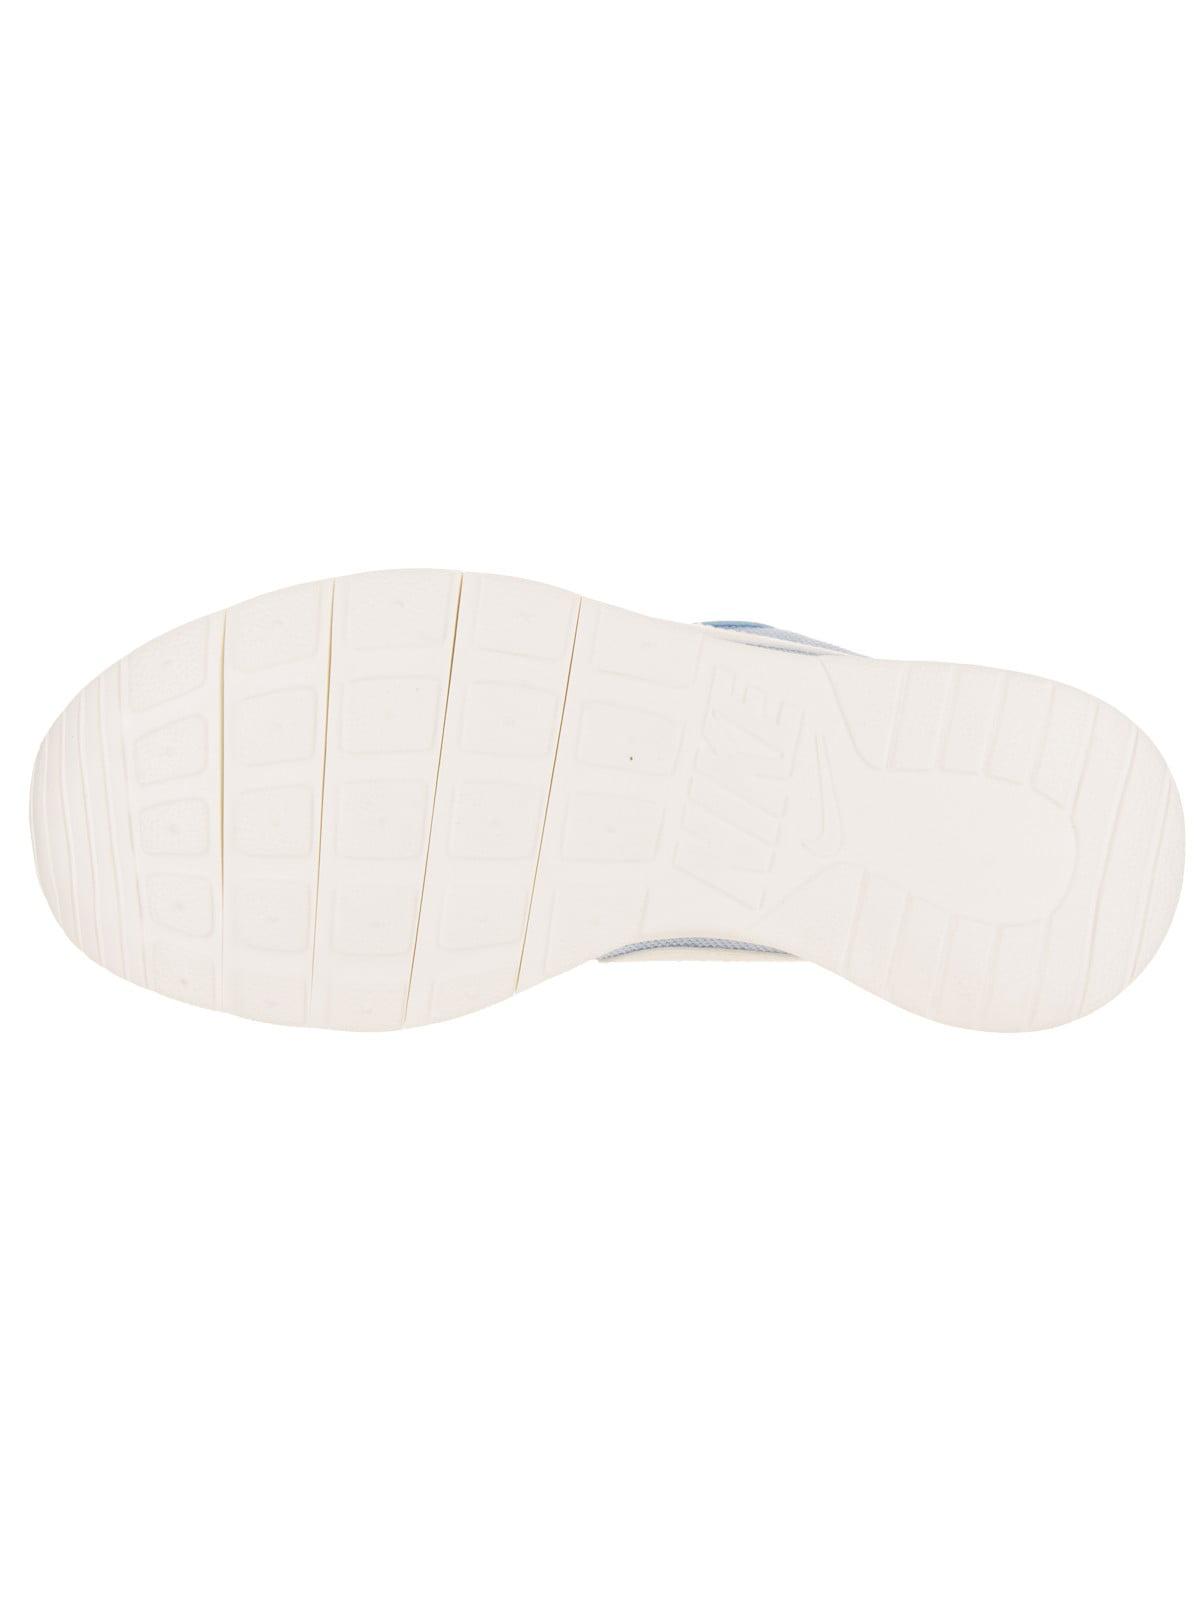 Nike 859617-401: Girls Tanjun SE White Big Kid Sky Blue White SE Running Sneakers (7 M US Big Kid) 1f7c53